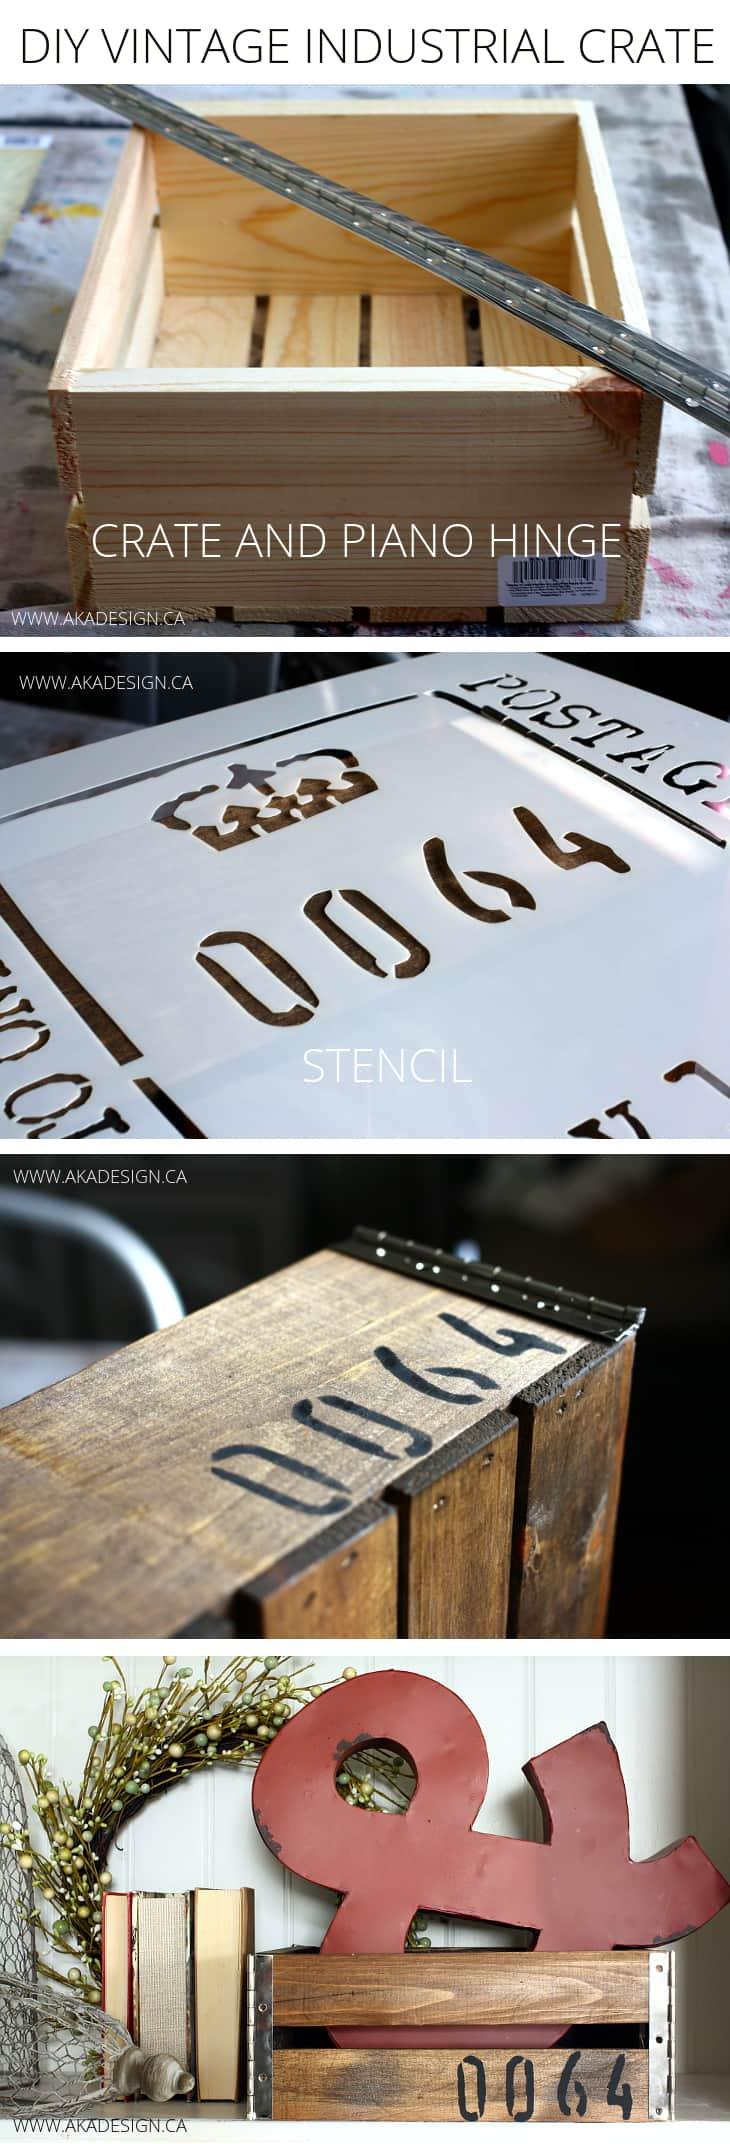 diy vintage industrial crate aka design